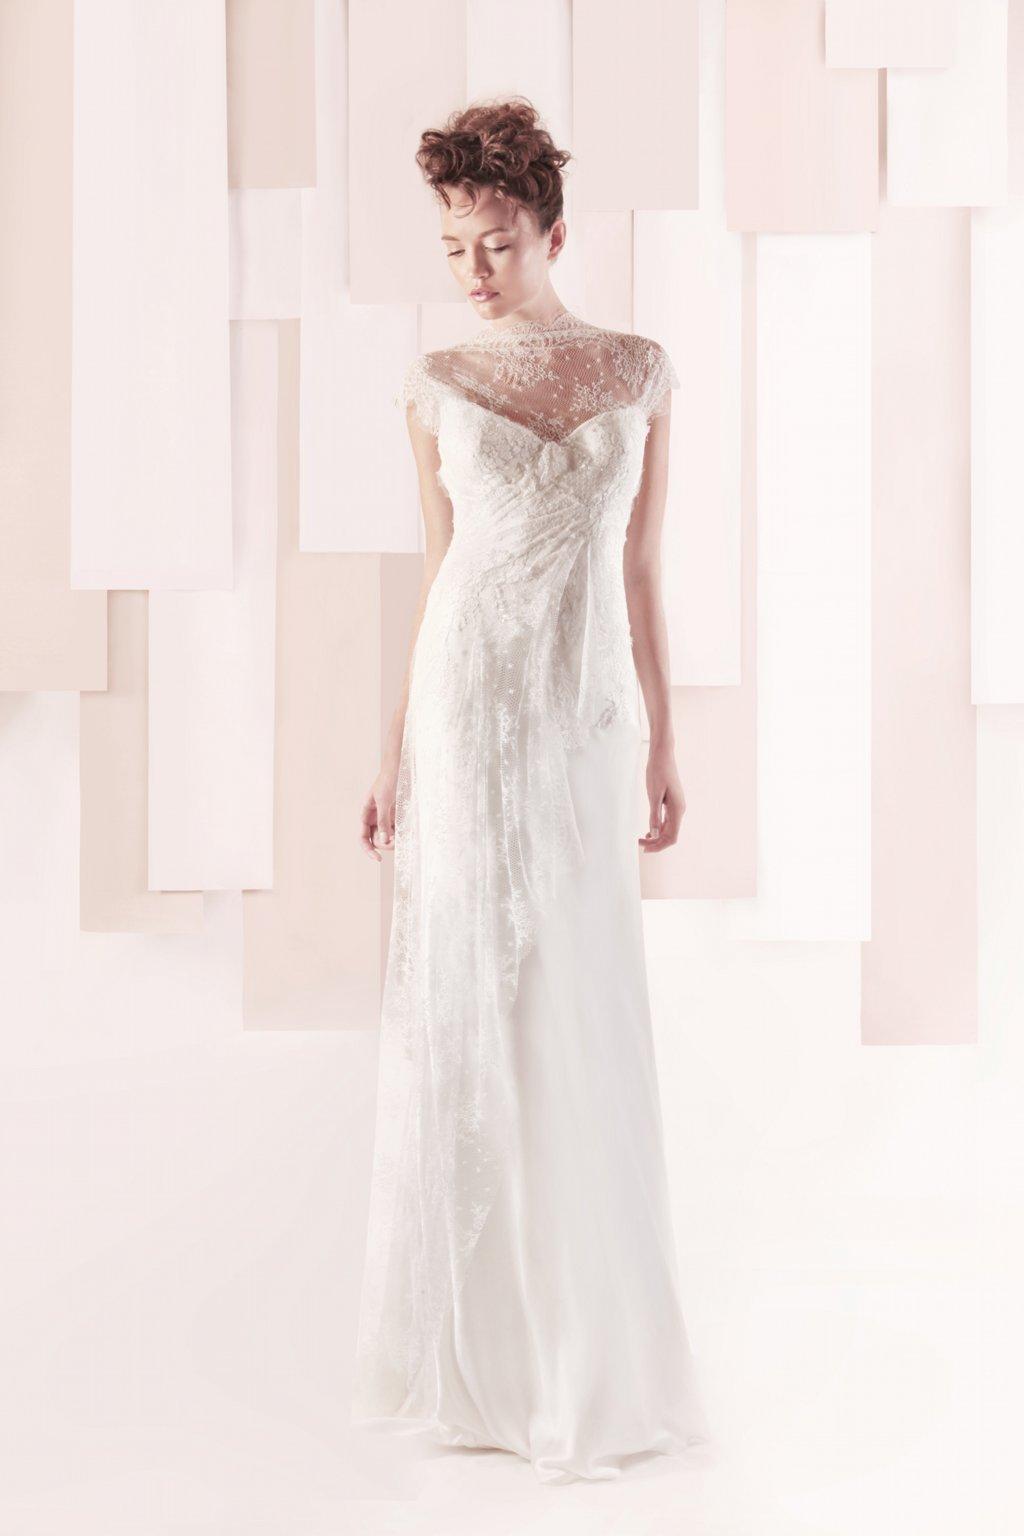 Wedding-dress-by-gemy-maalouf-2013-bridal-style-3296.full